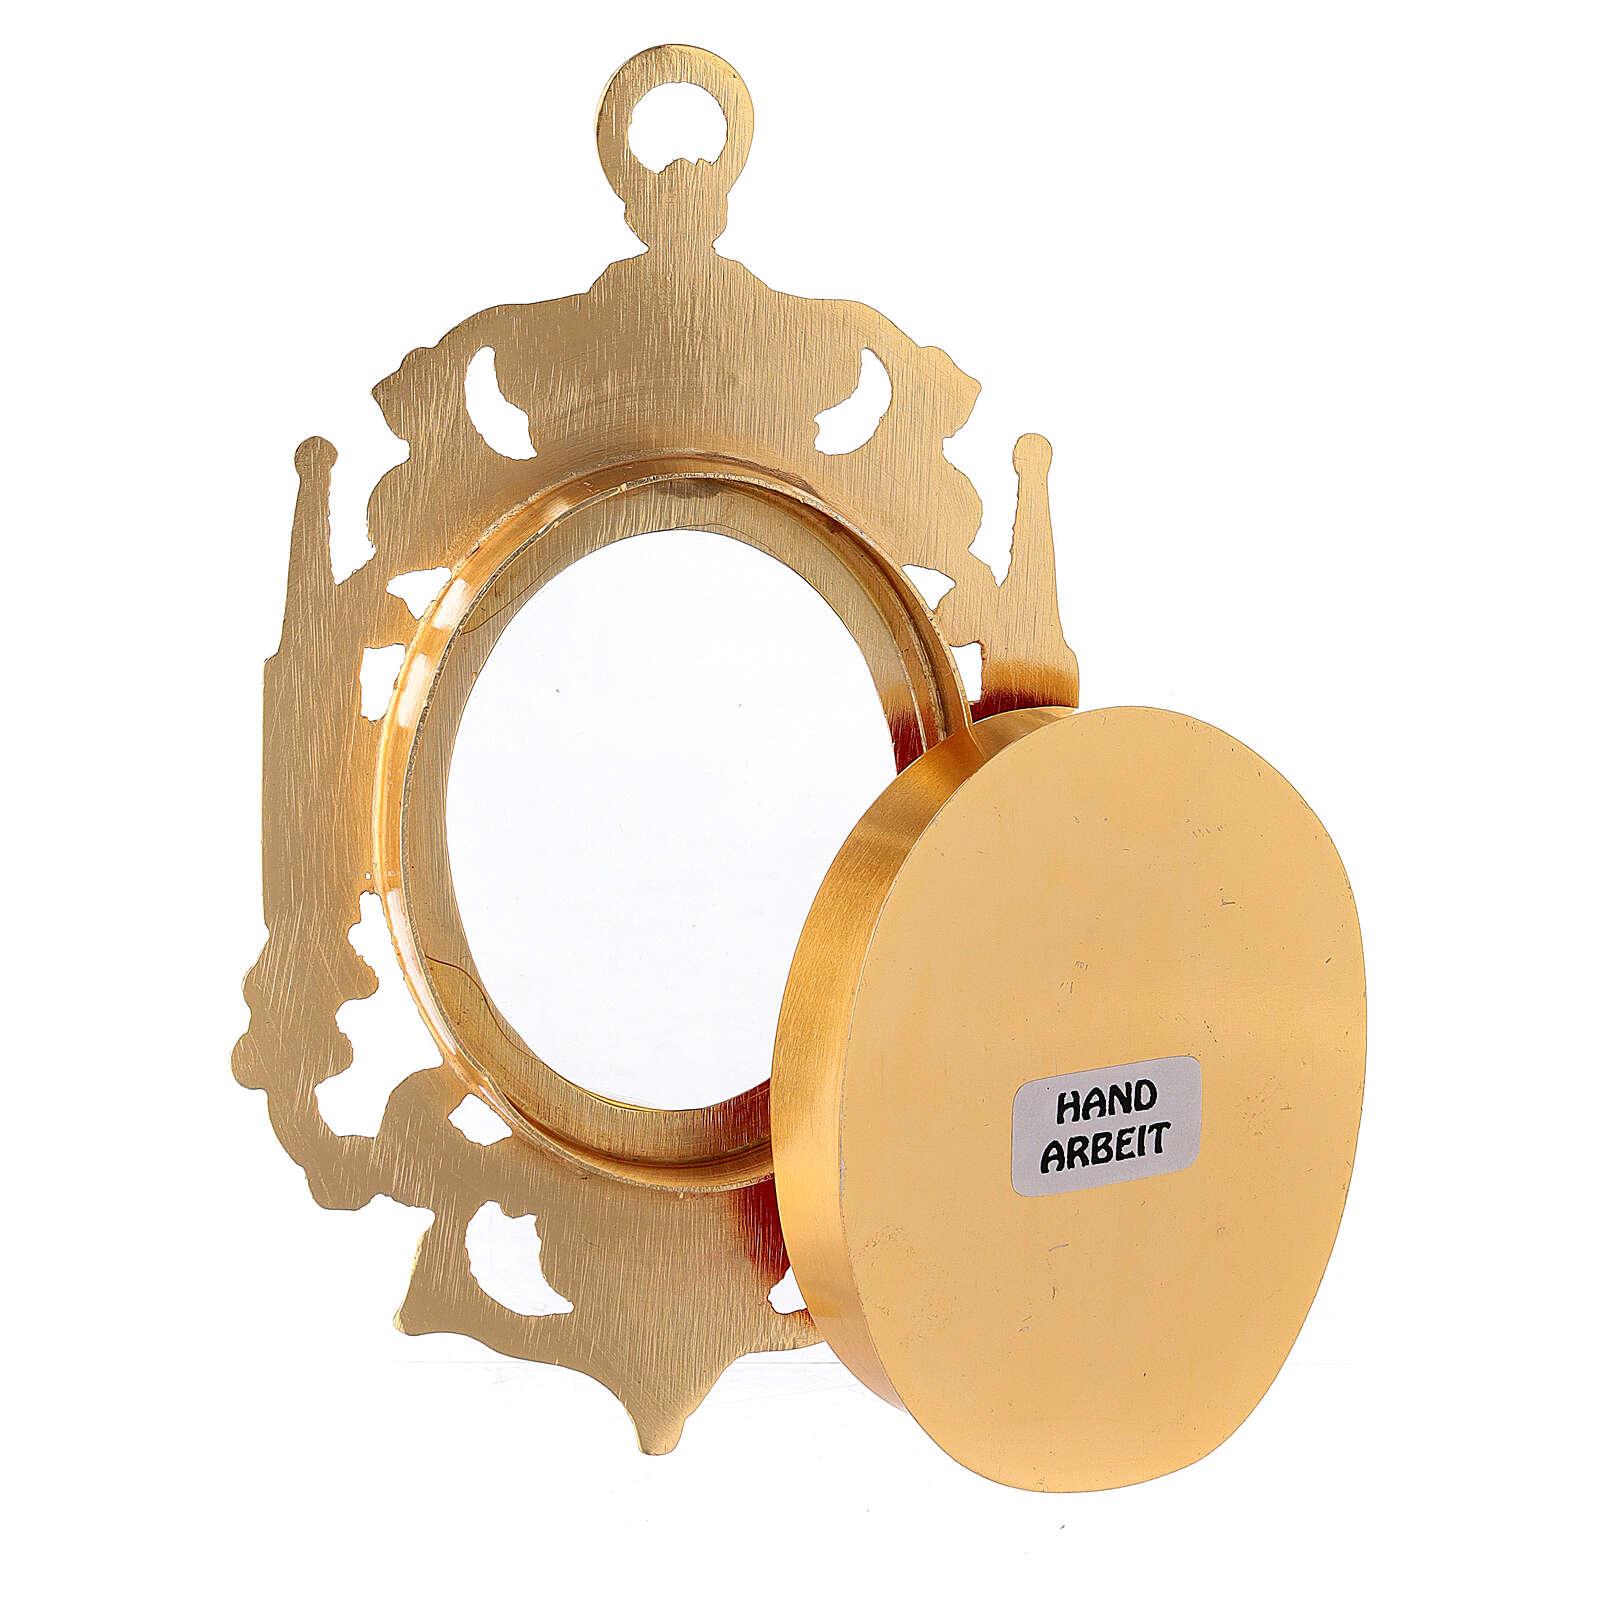 Reliquiario da parete ottone dorato gotico cristalli colorati 4